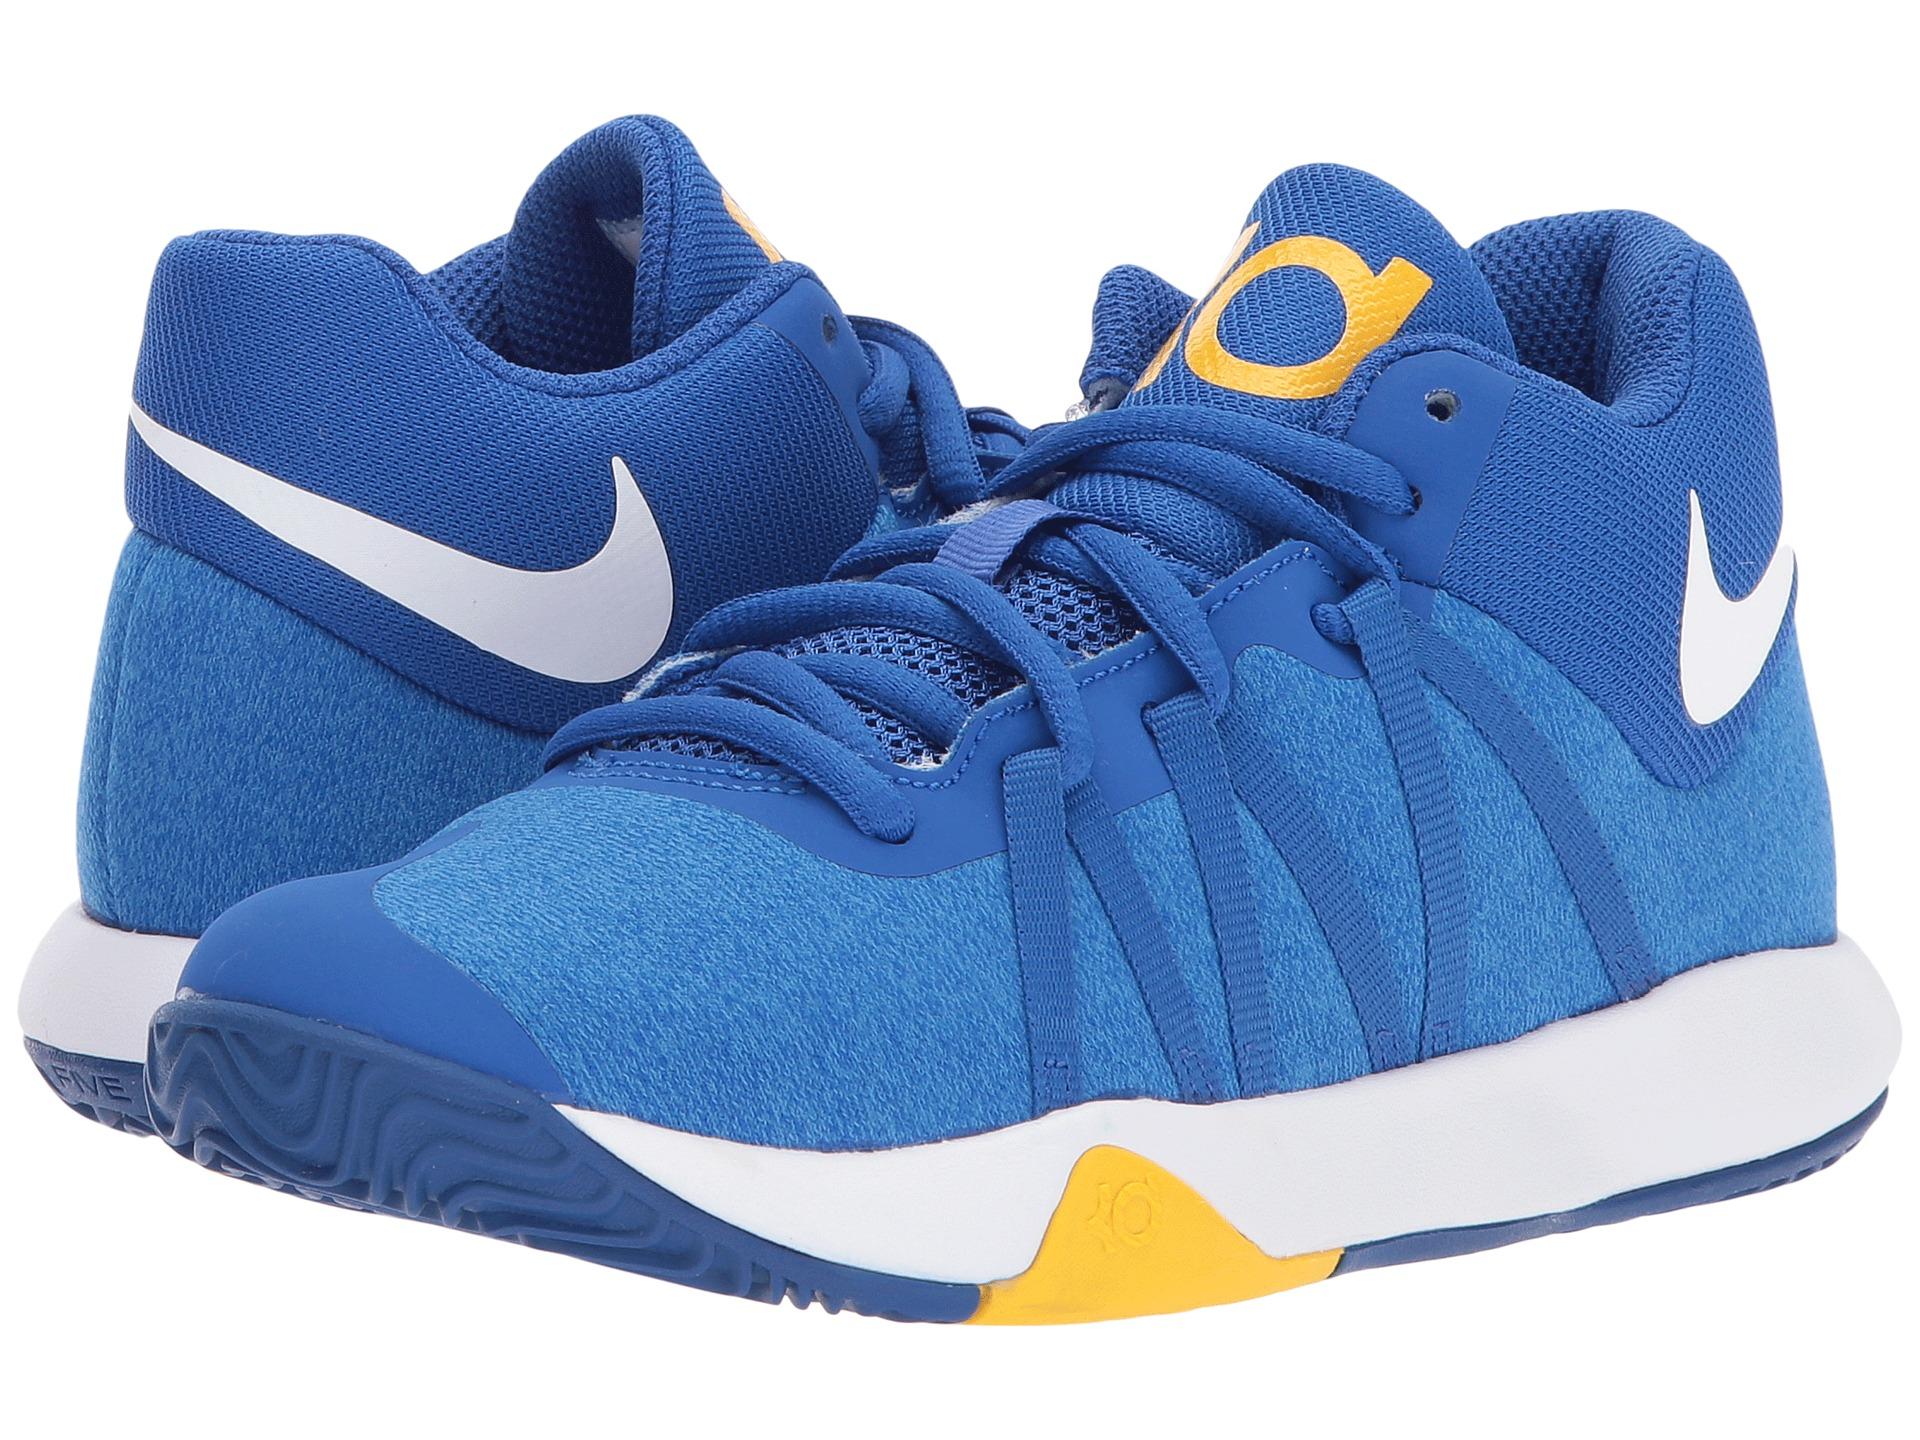 Nike Zoom Kd  Gs Big Kids Basketball Shoes